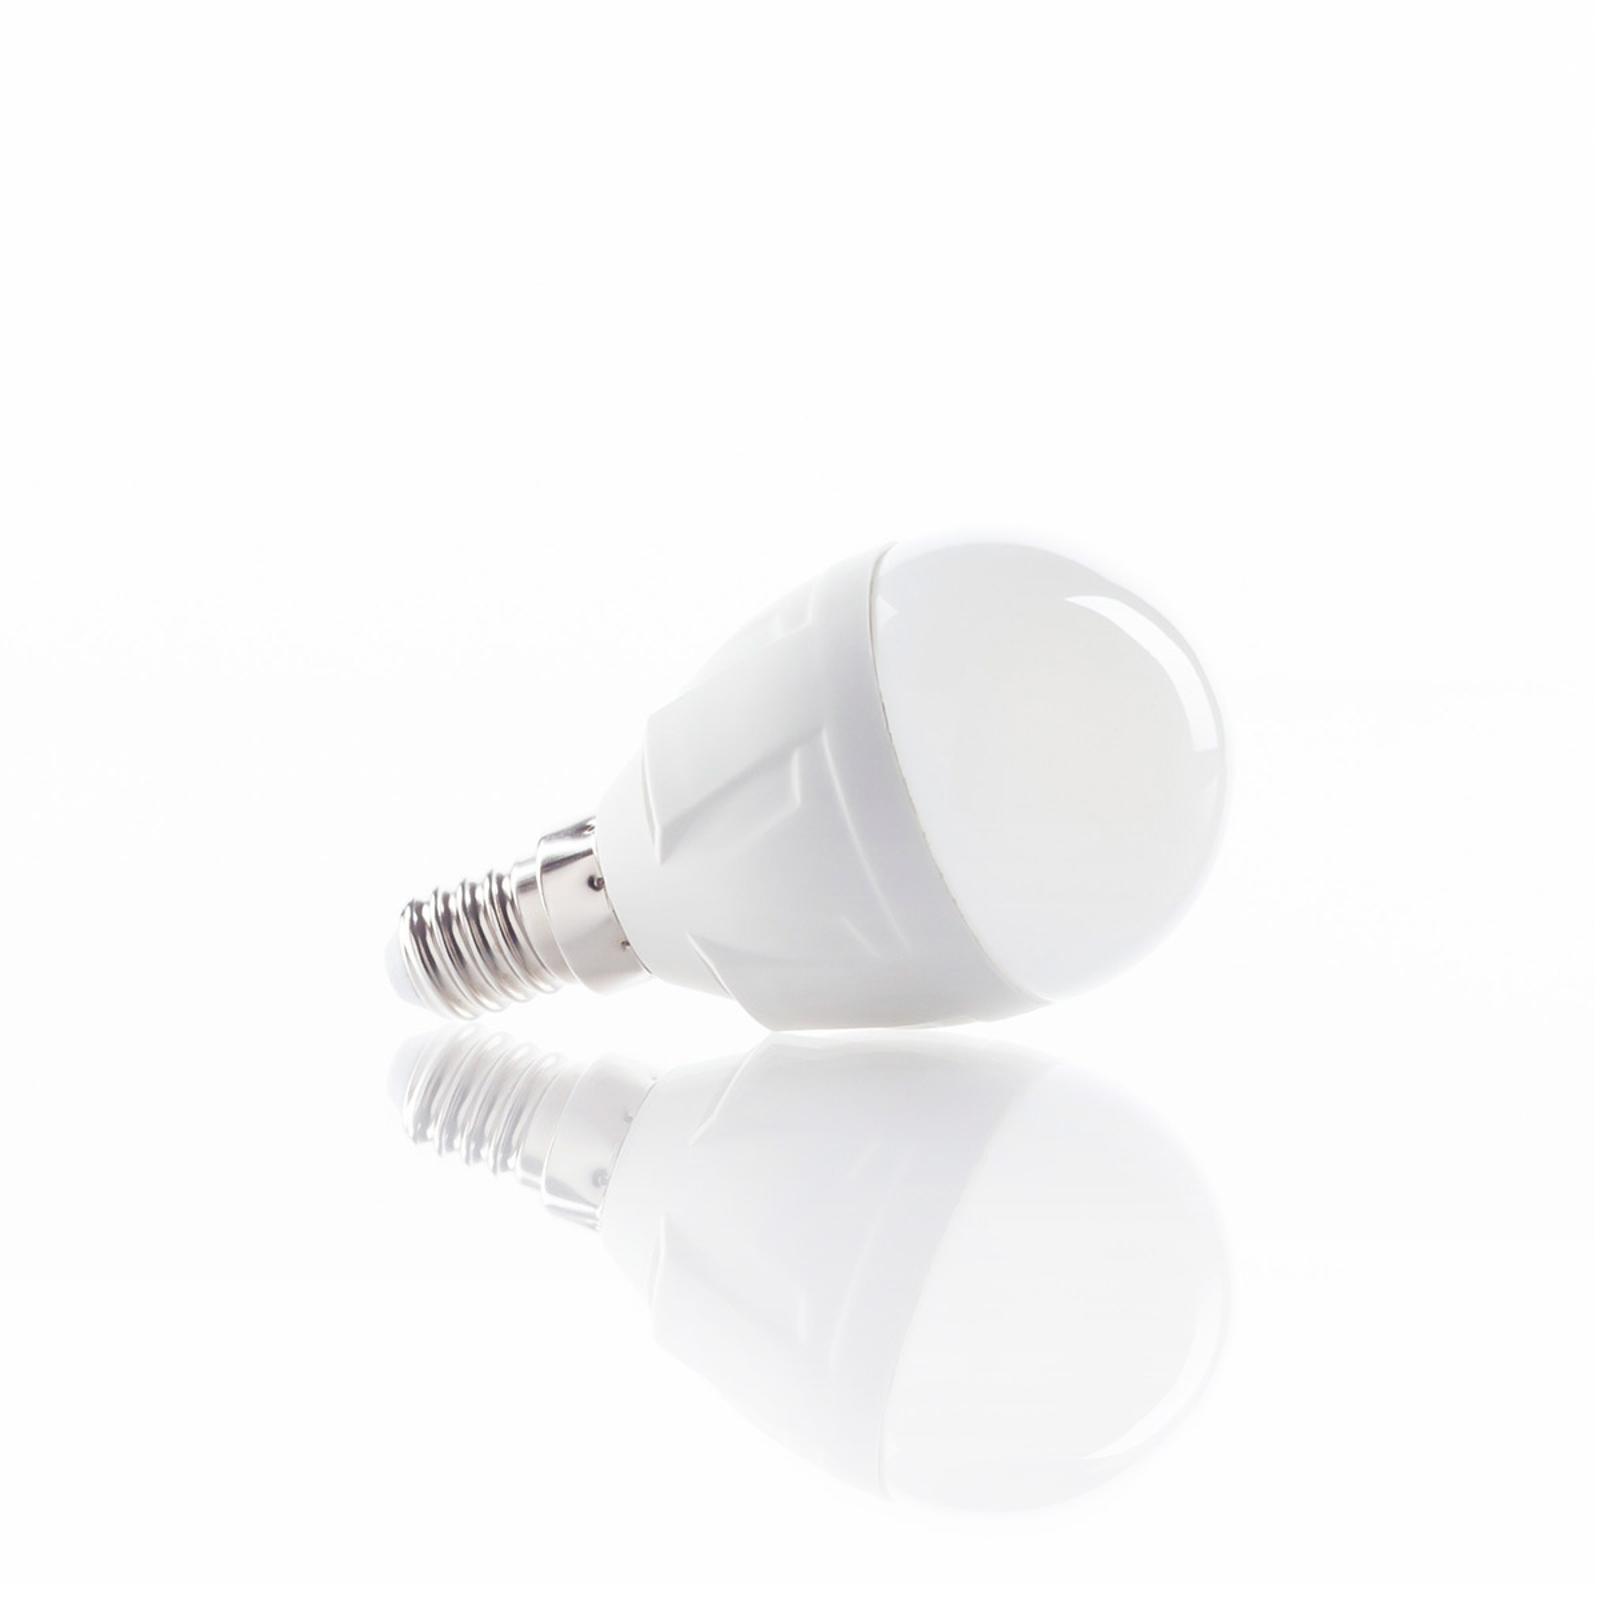 E14 4,9 W 830 LED-pære i dråbeform, varmhvid